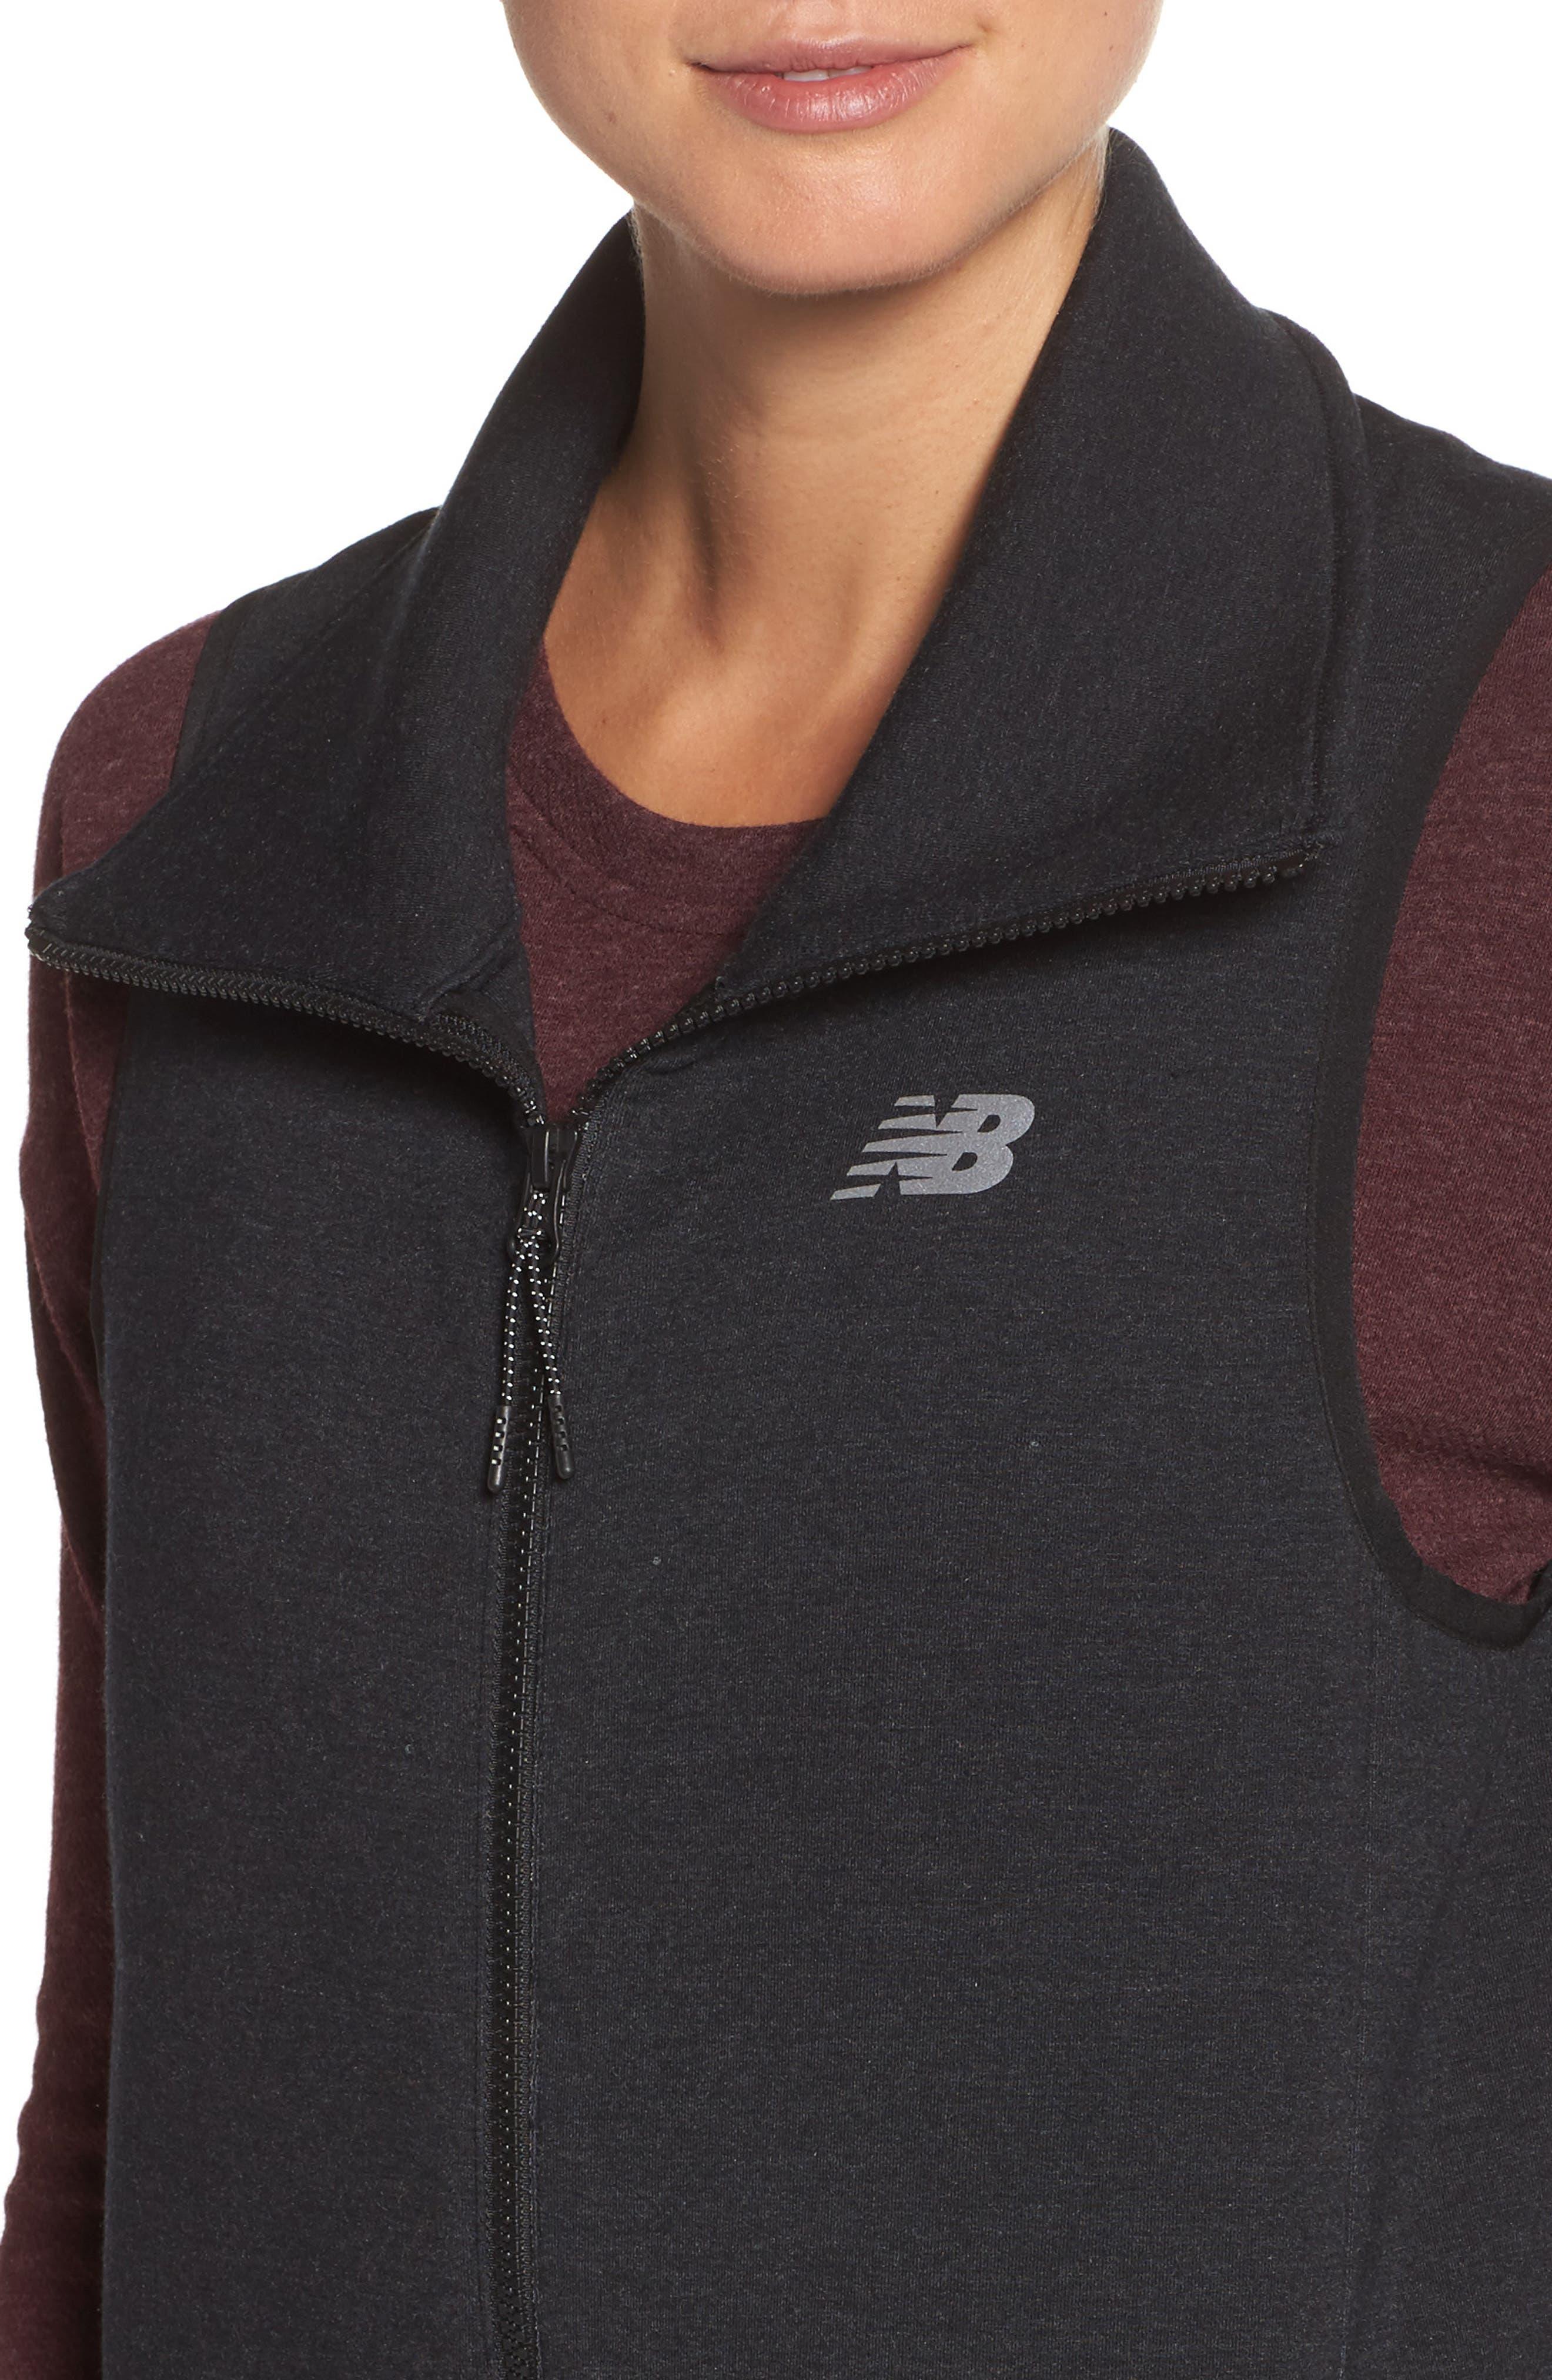 24/7 Luxe Vest,                             Alternate thumbnail 4, color,                             Bk